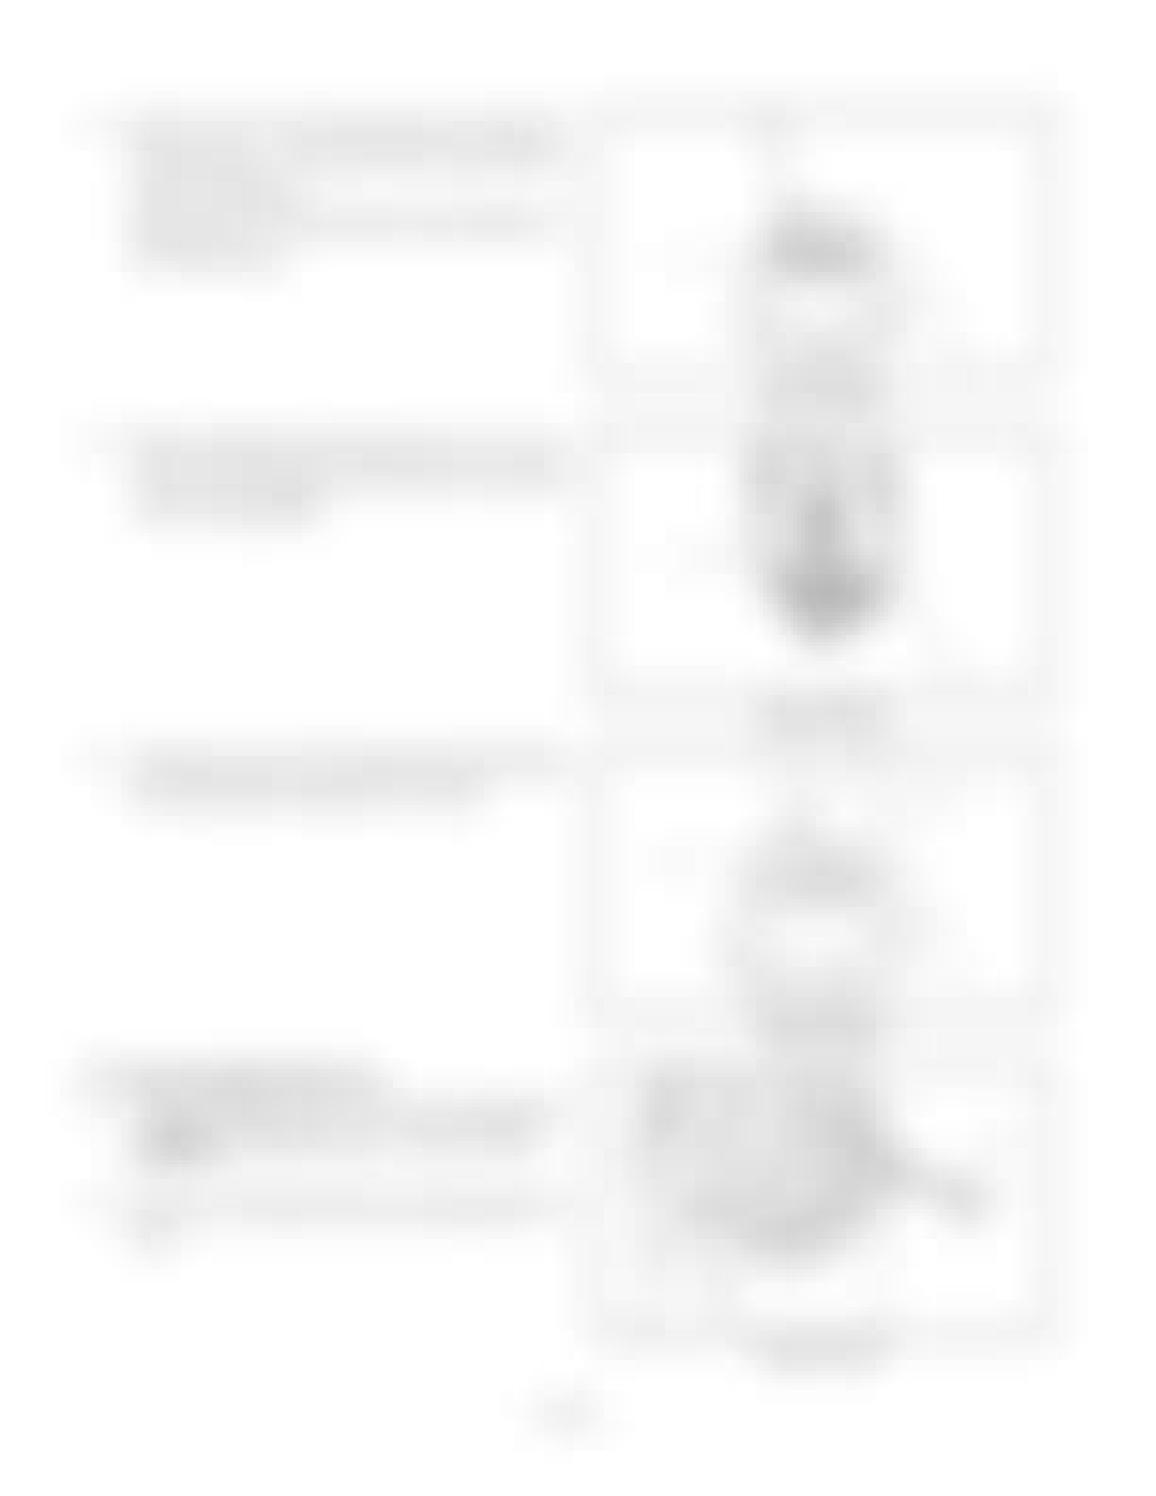 Hitachi LX110-7 LX130-7 LX160-7 LX190-7 LX230-7 Wheel Loader Workshop Manual - PDF DOWNLOAD page 162